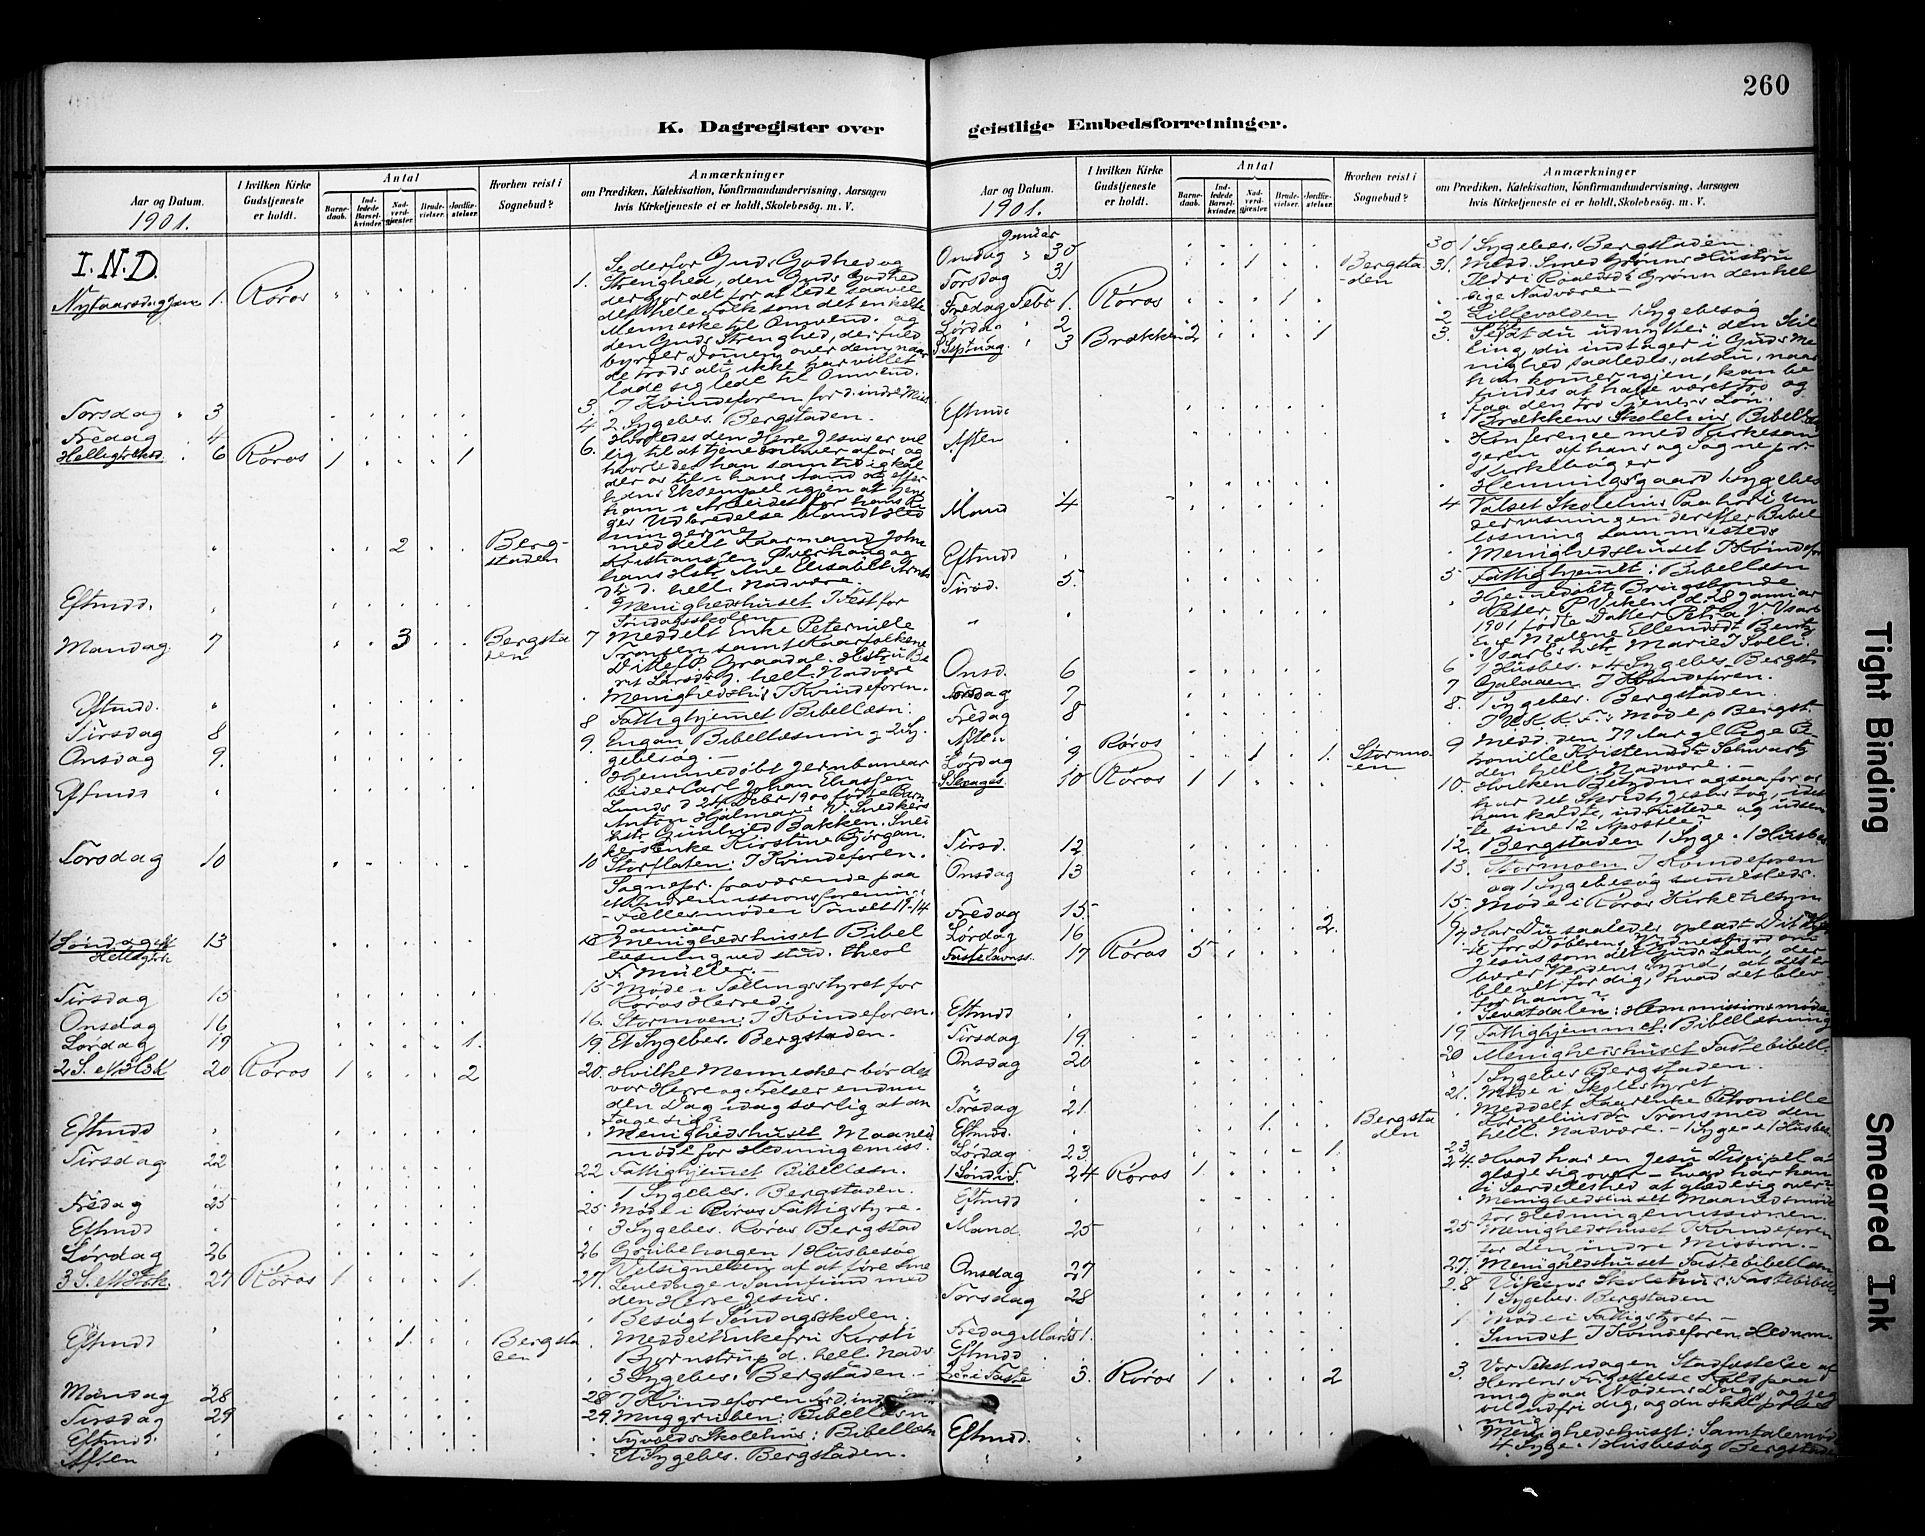 SAT, Ministerialprotokoller, klokkerbøker og fødselsregistre - Sør-Trøndelag, 681/L0936: Ministerialbok nr. 681A14, 1899-1908, s. 260